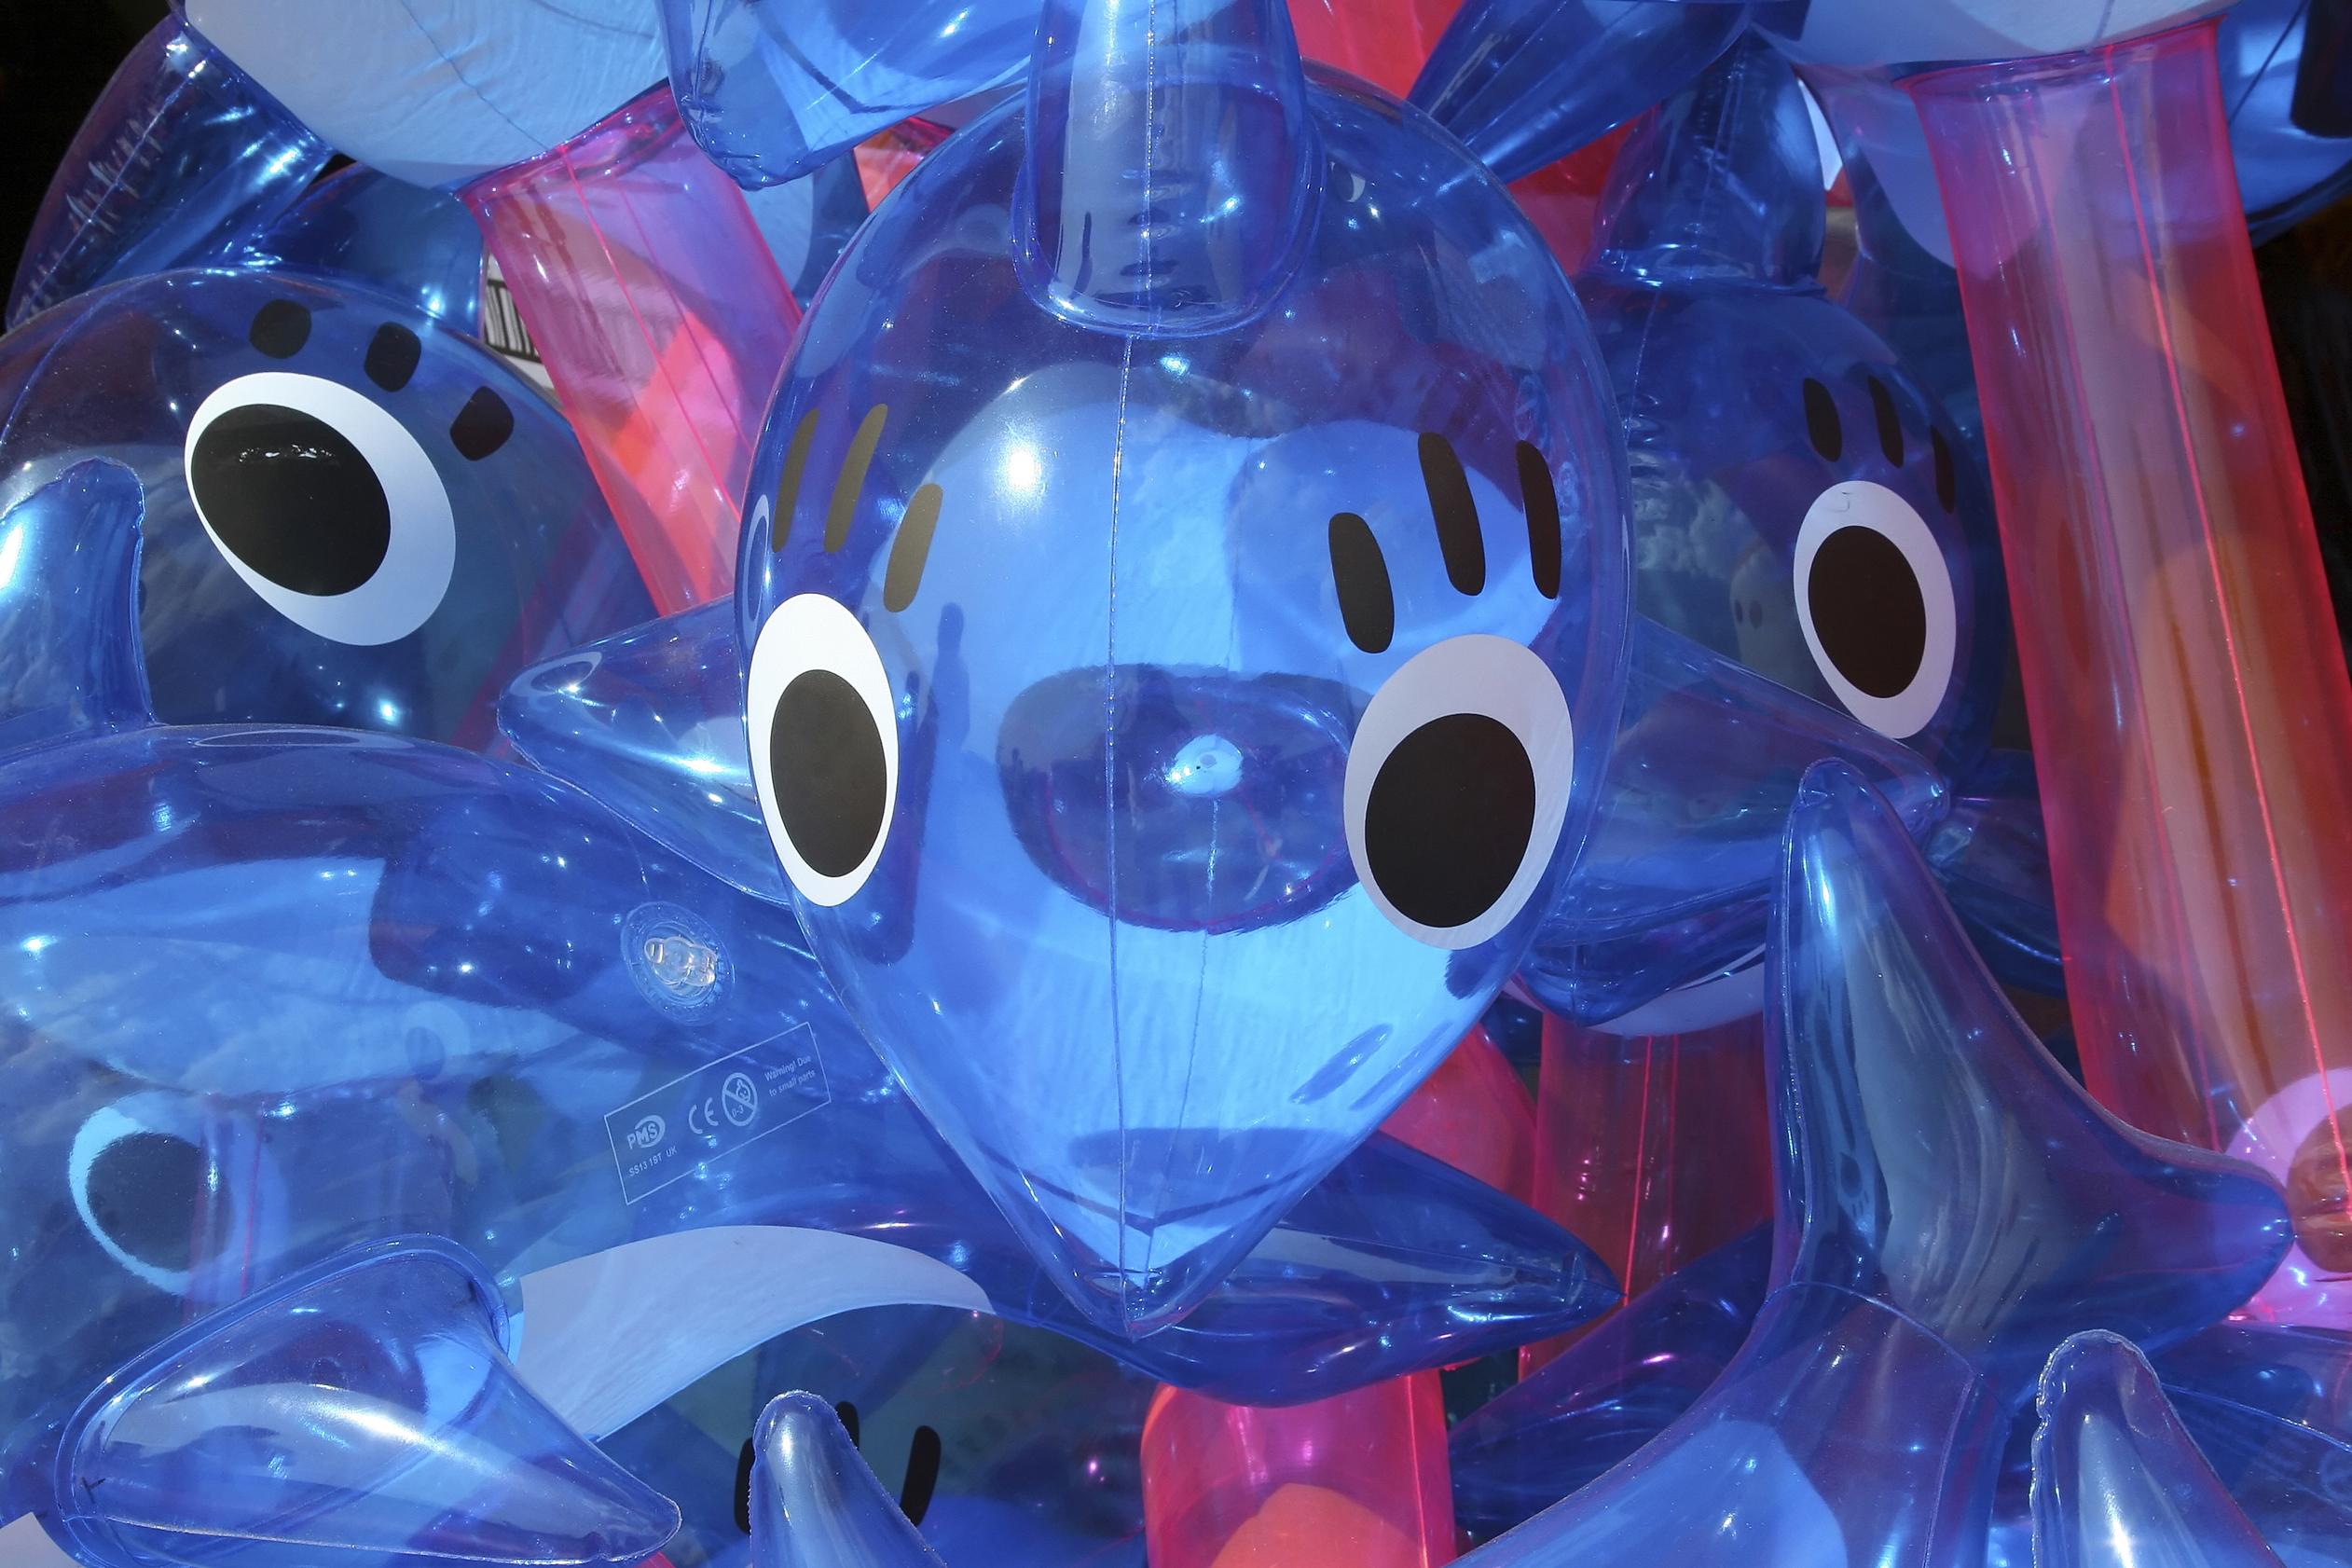 3D balloon image